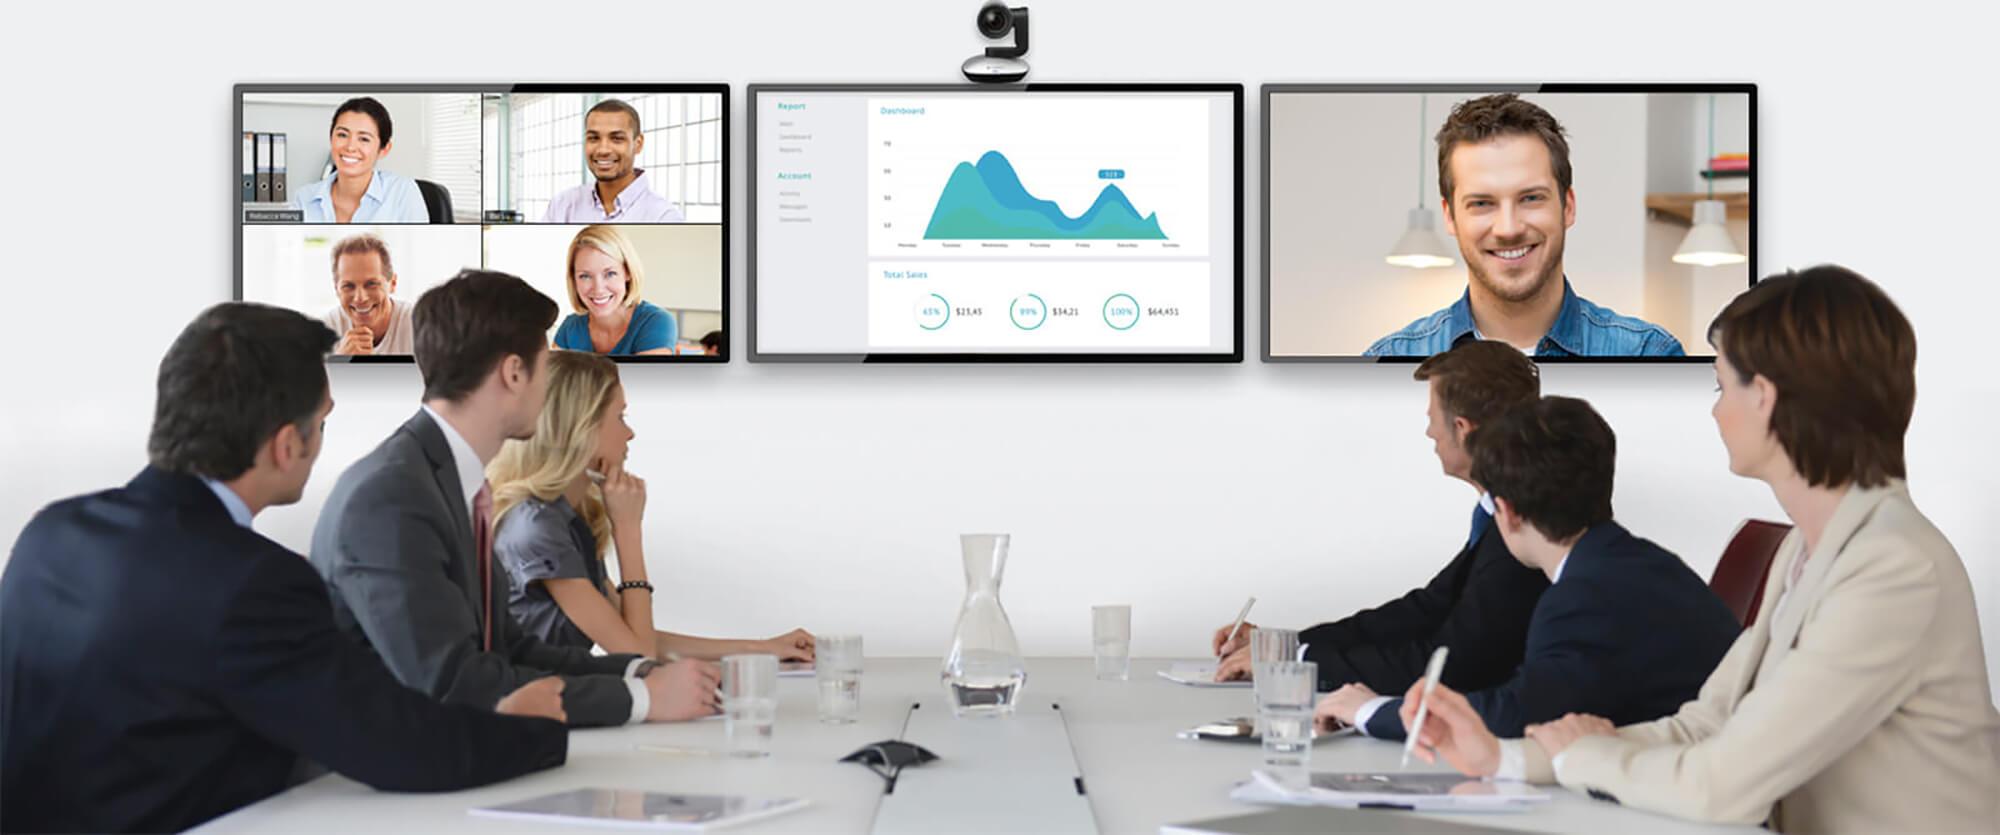 هدف از سیستم همکاری در فروش